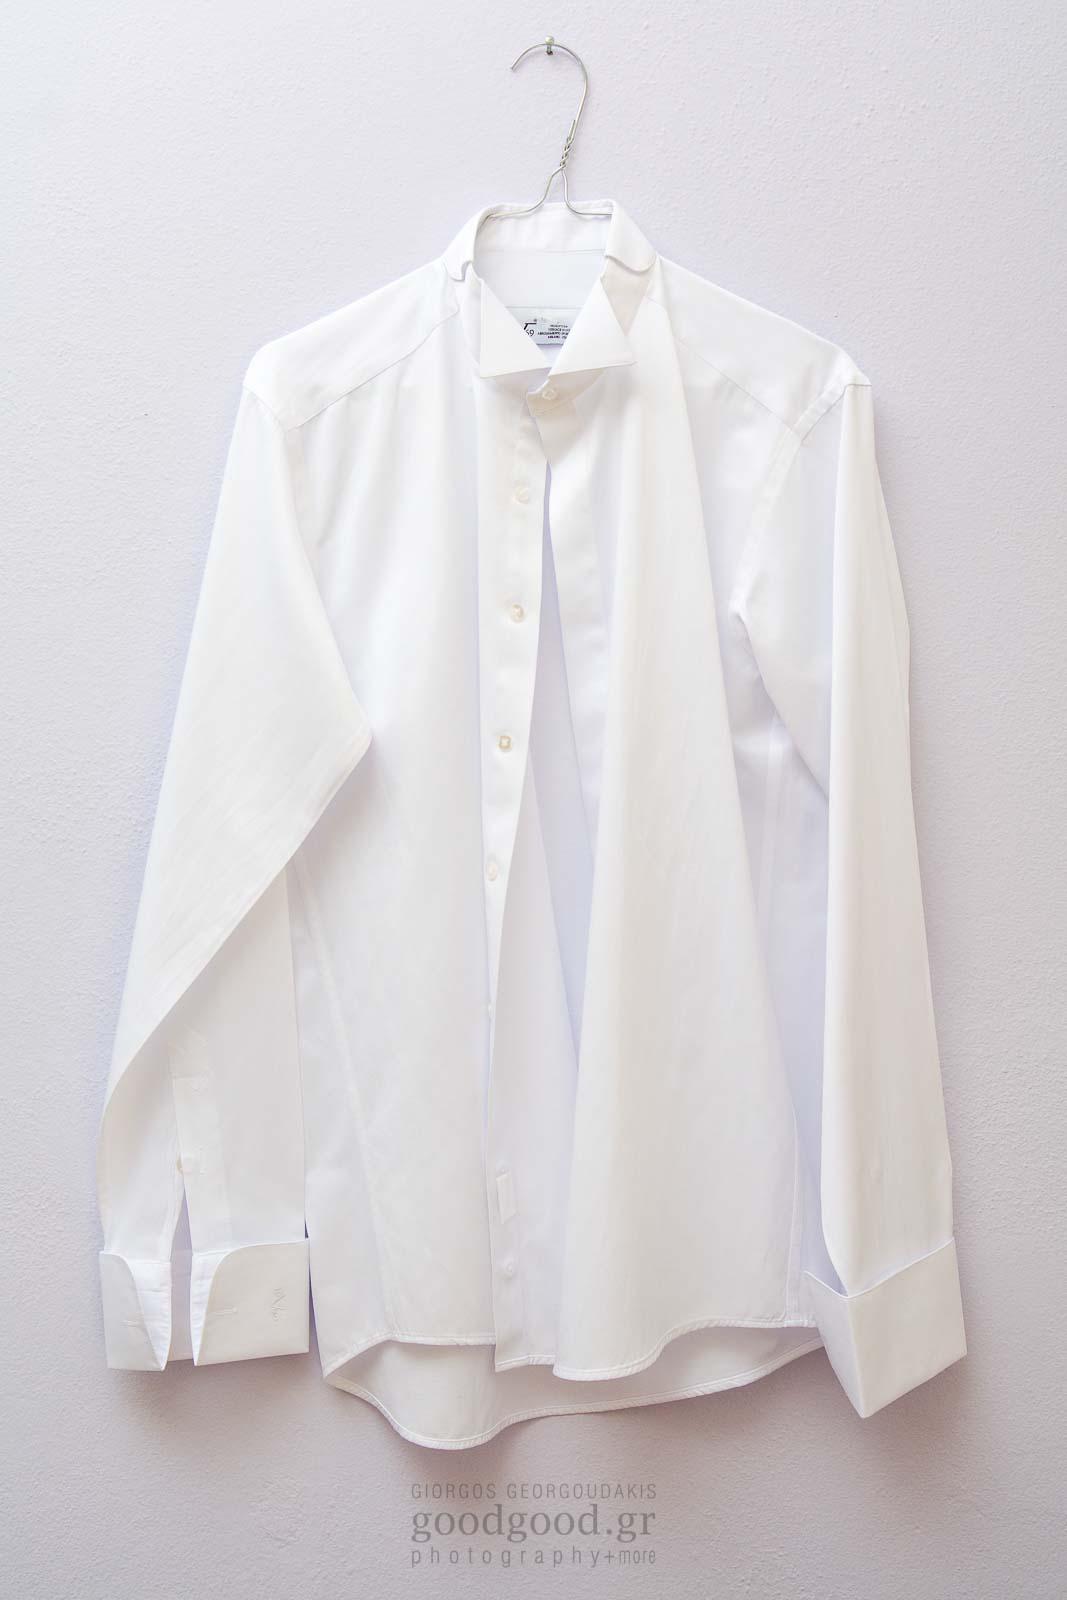 Το πουκάμισο του γαμπρού κρεμασμένο σε λευκό τοίχο